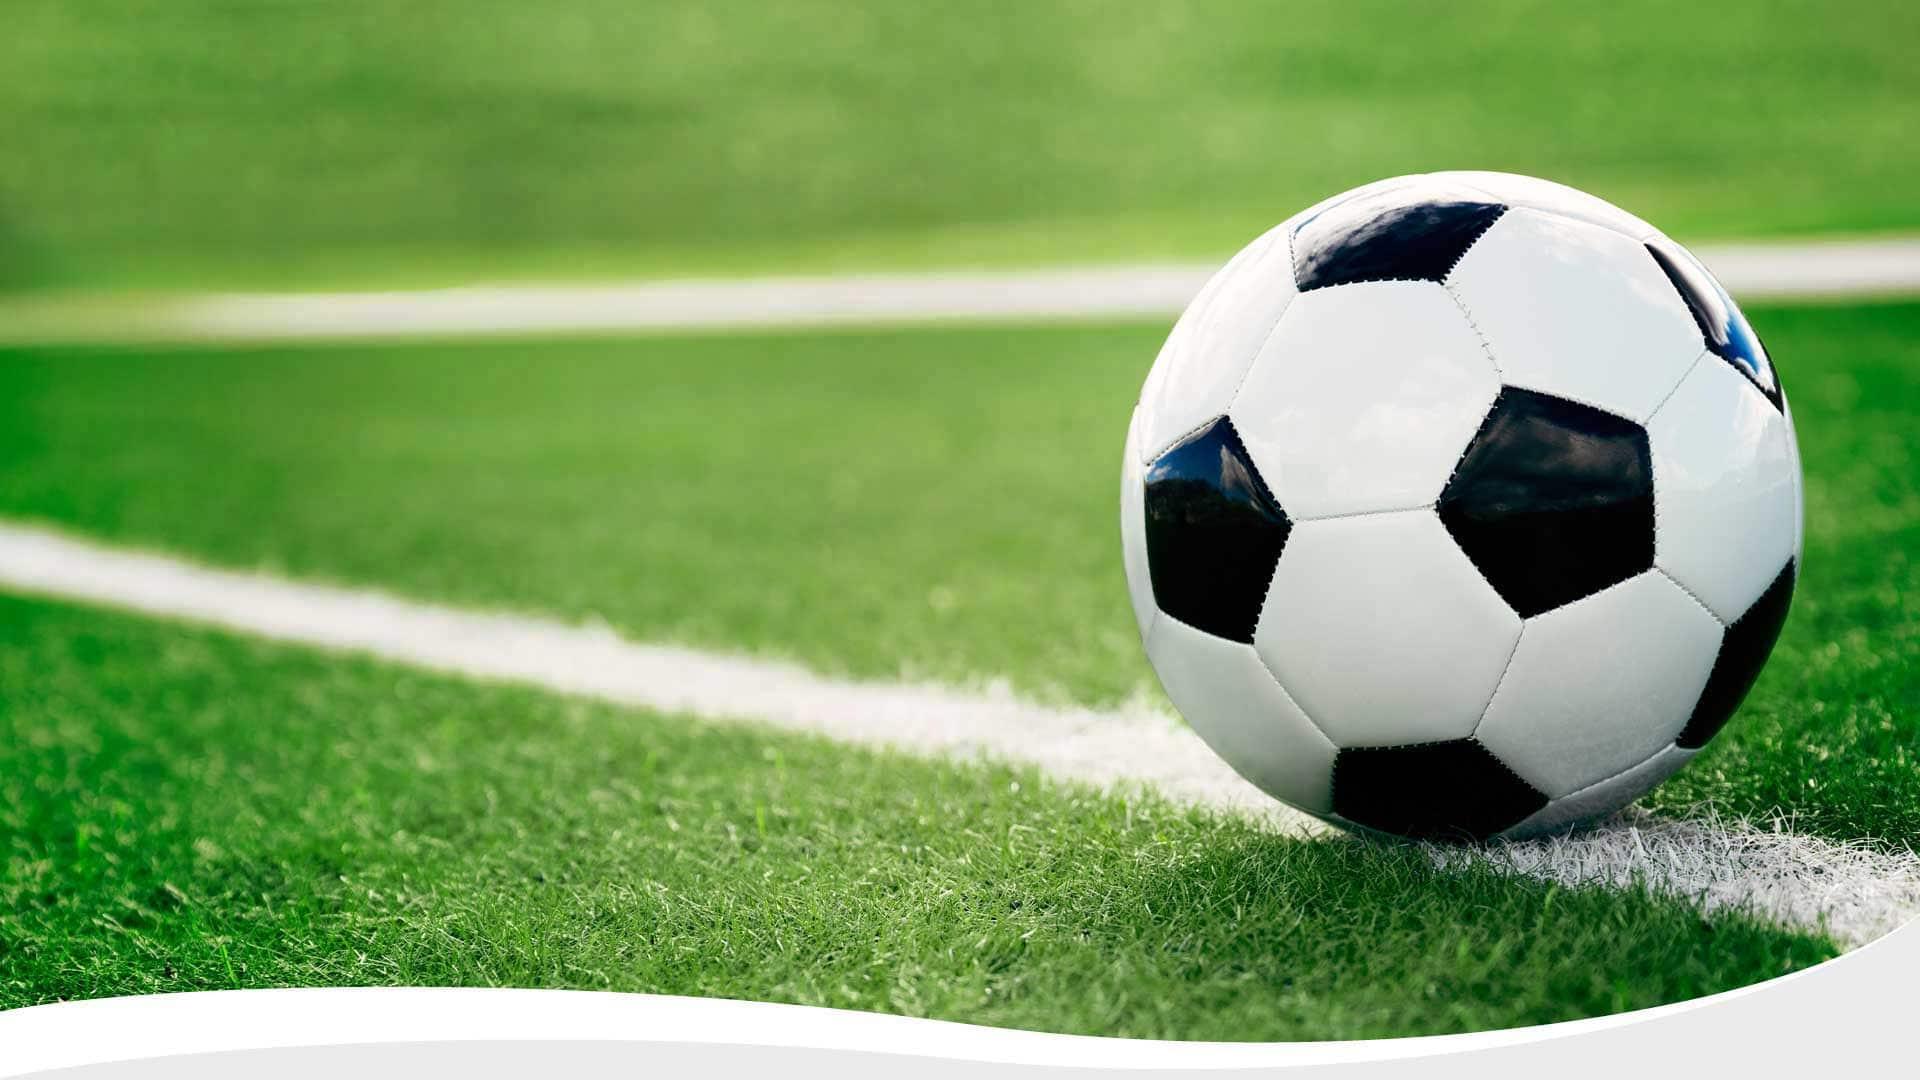 Tappeti di erba sintetica per campi da calcio e rugby